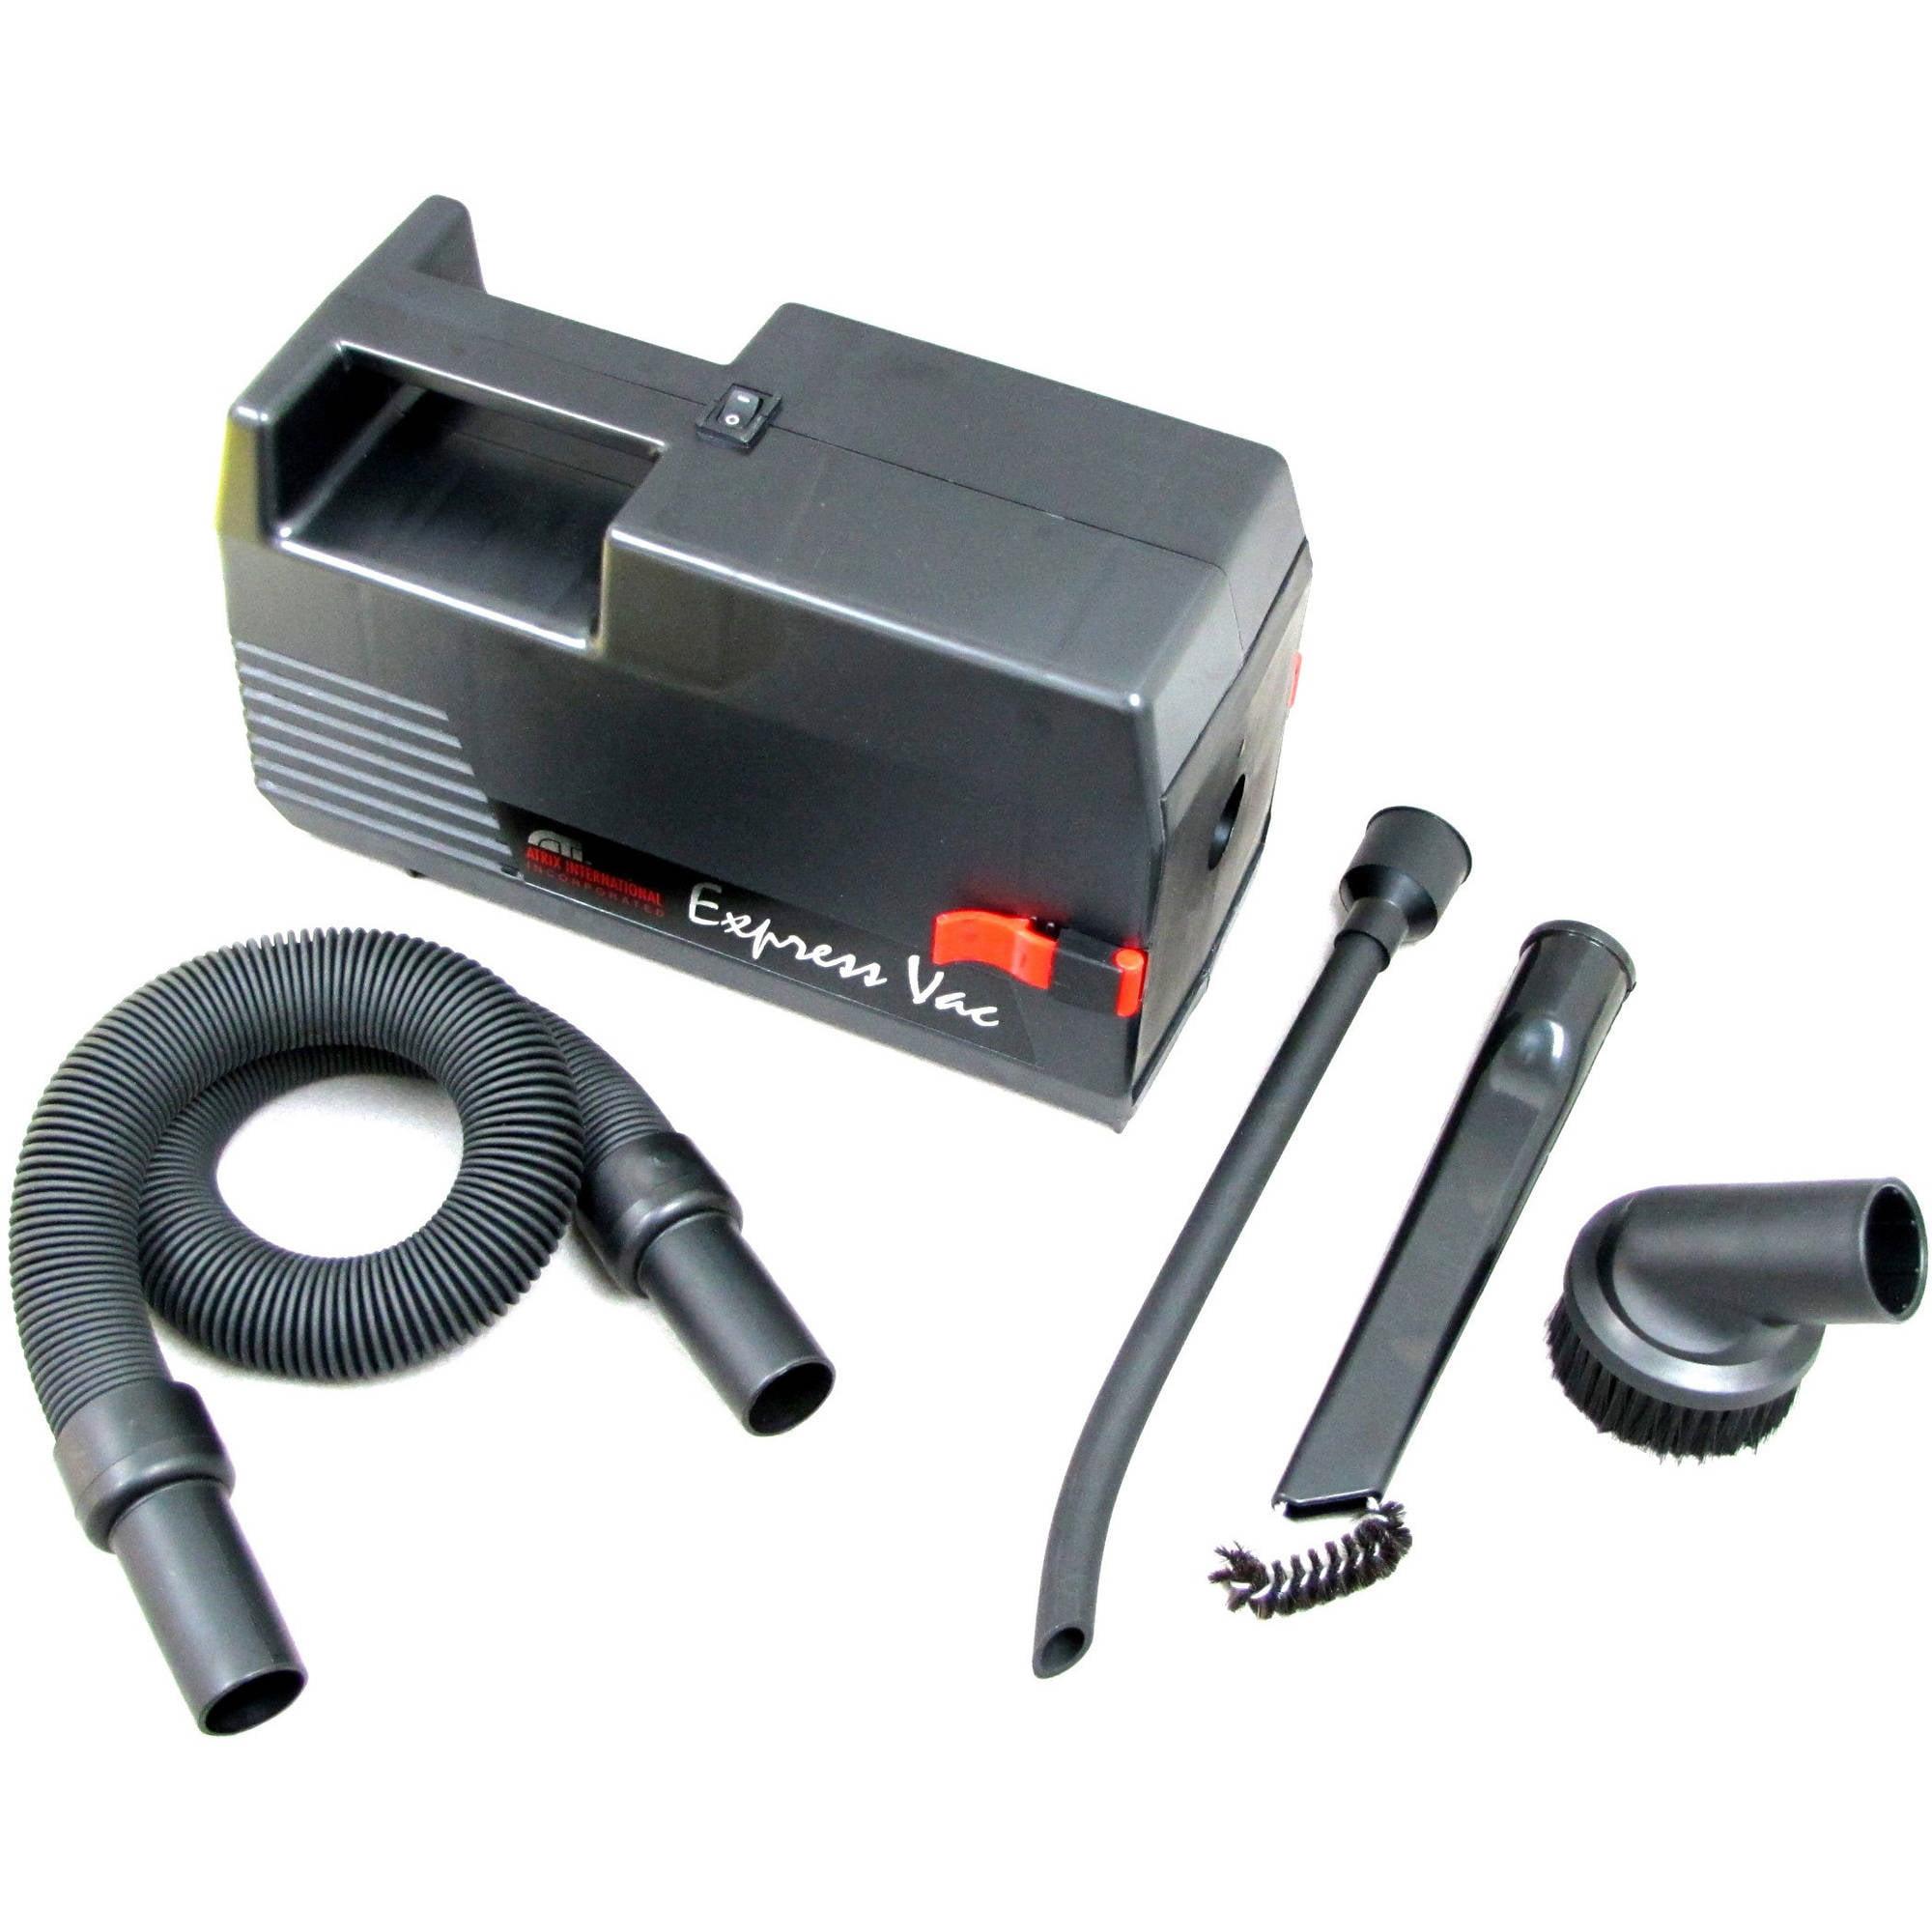 Atrix Toner Express Vacuum, Black